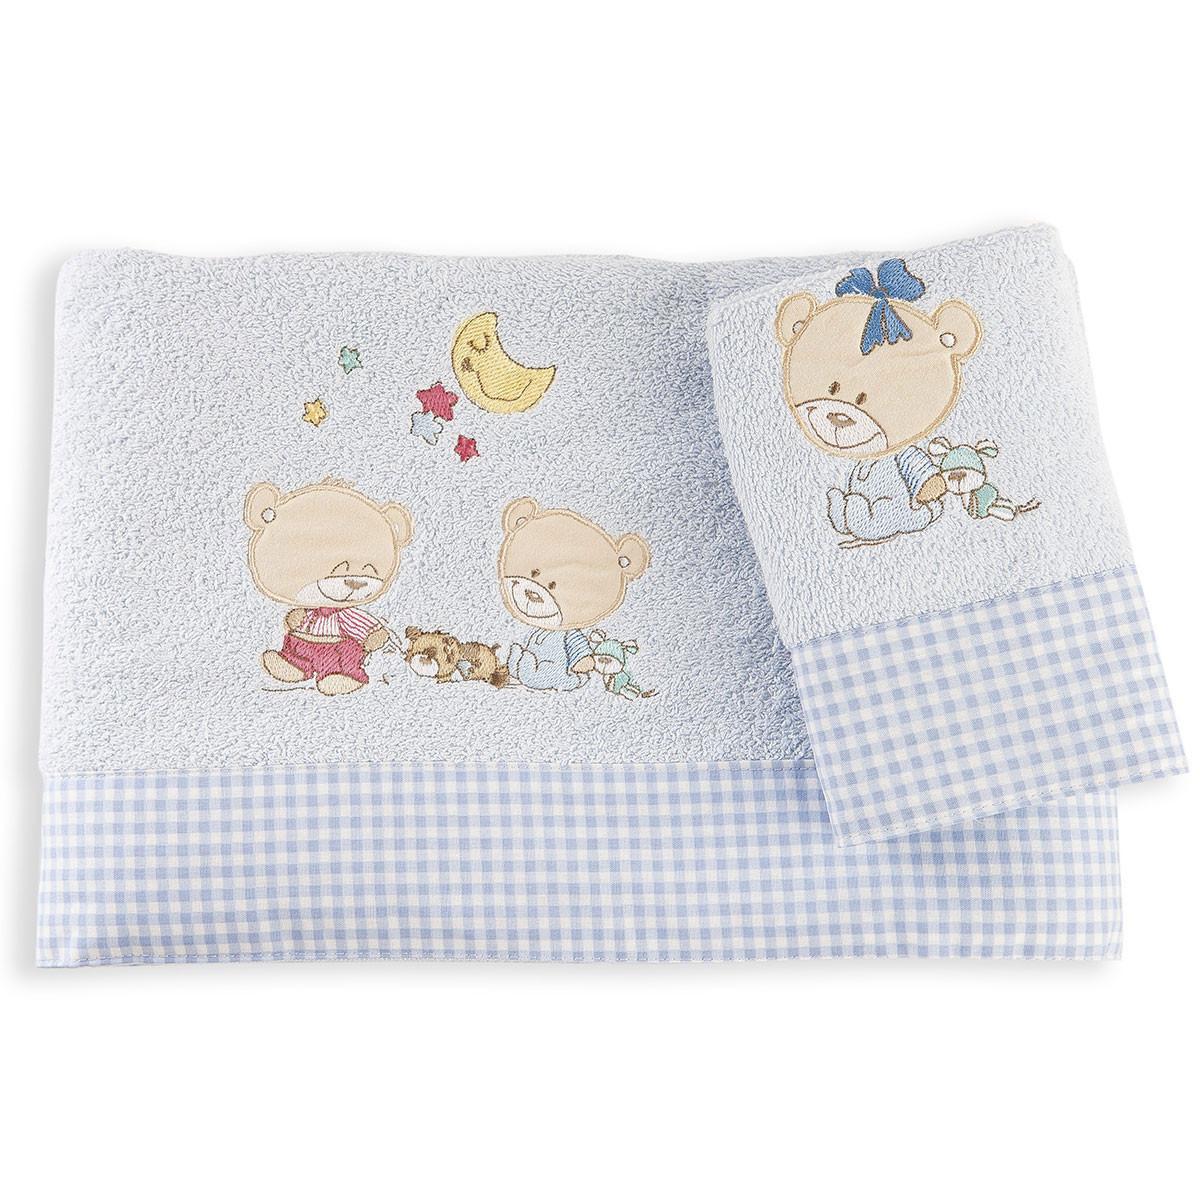 Βρεφικές Πετσέτες (Σετ 2τμχ) Dim Collection Happy Bears 19